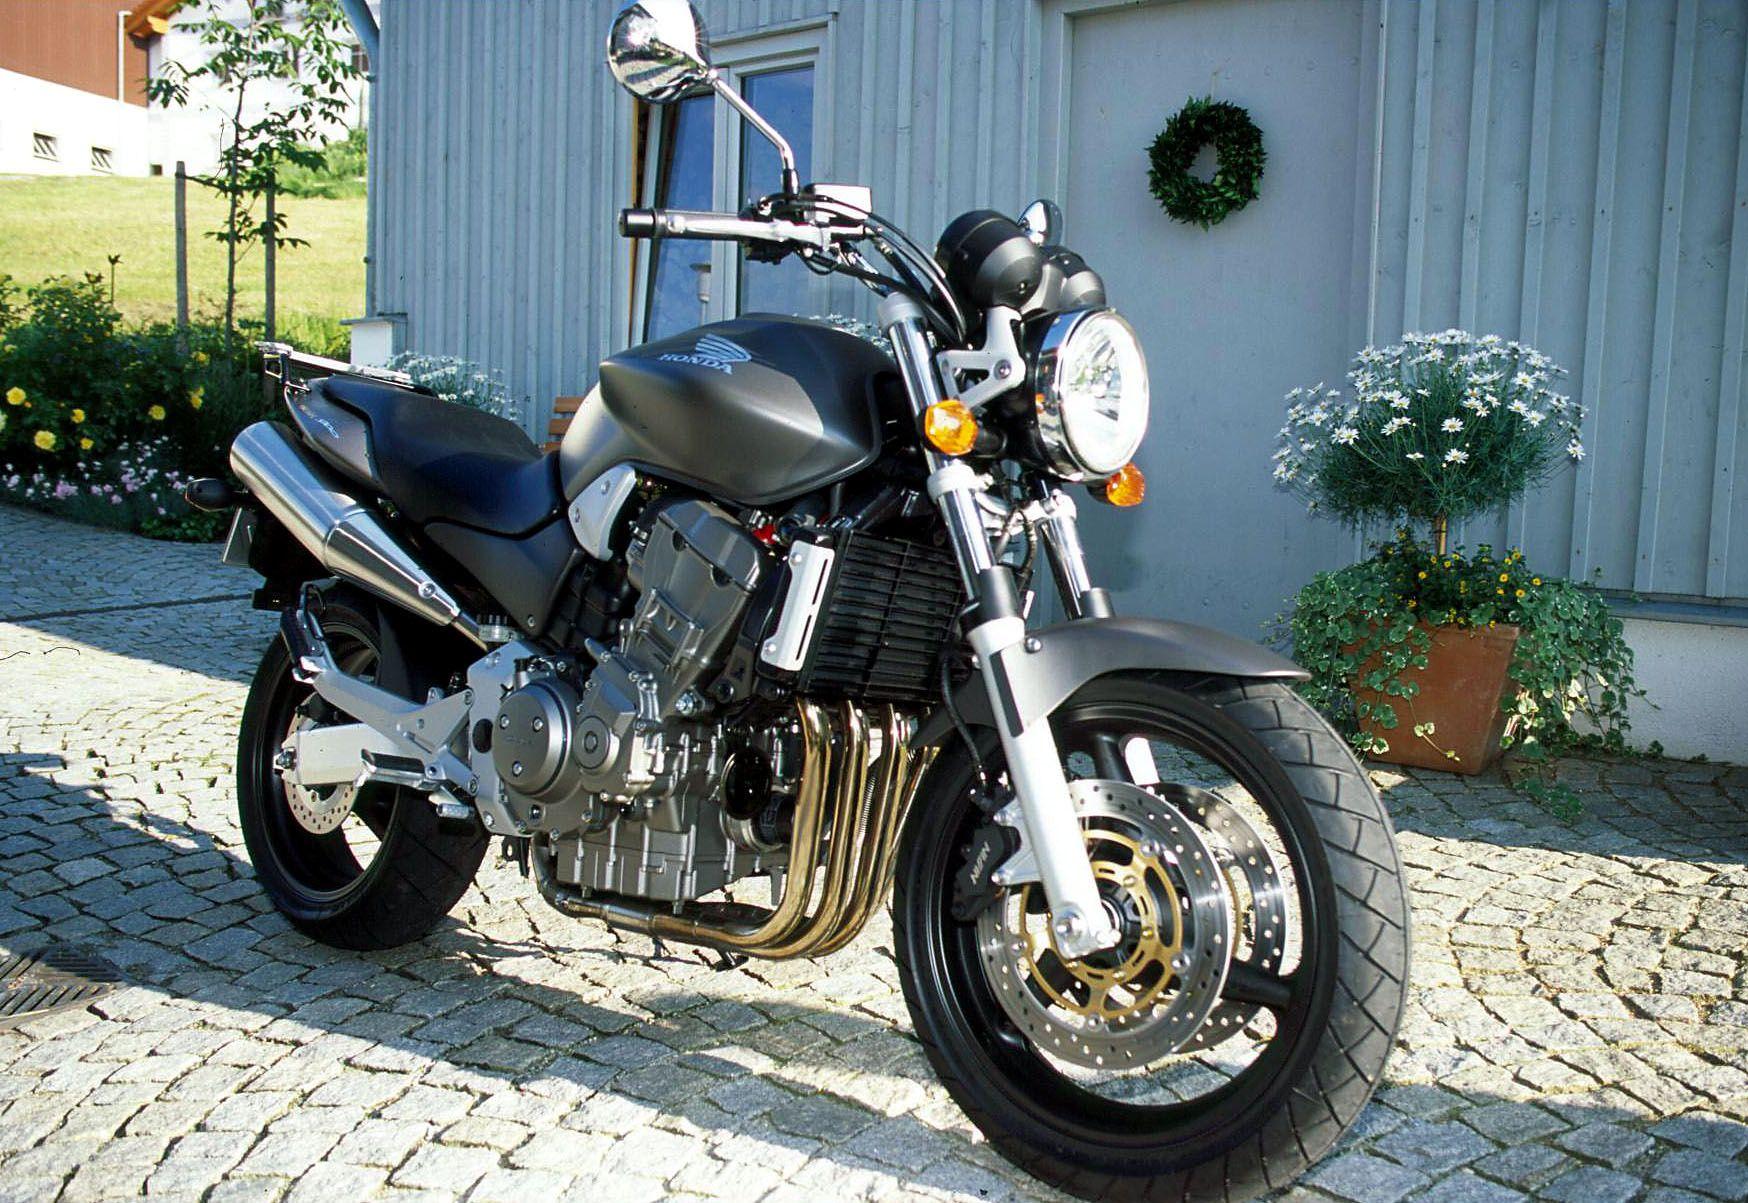 honda cb 900 hornet 2 wheeler world pinterest honda motorcycles honda et moto bike. Black Bedroom Furniture Sets. Home Design Ideas